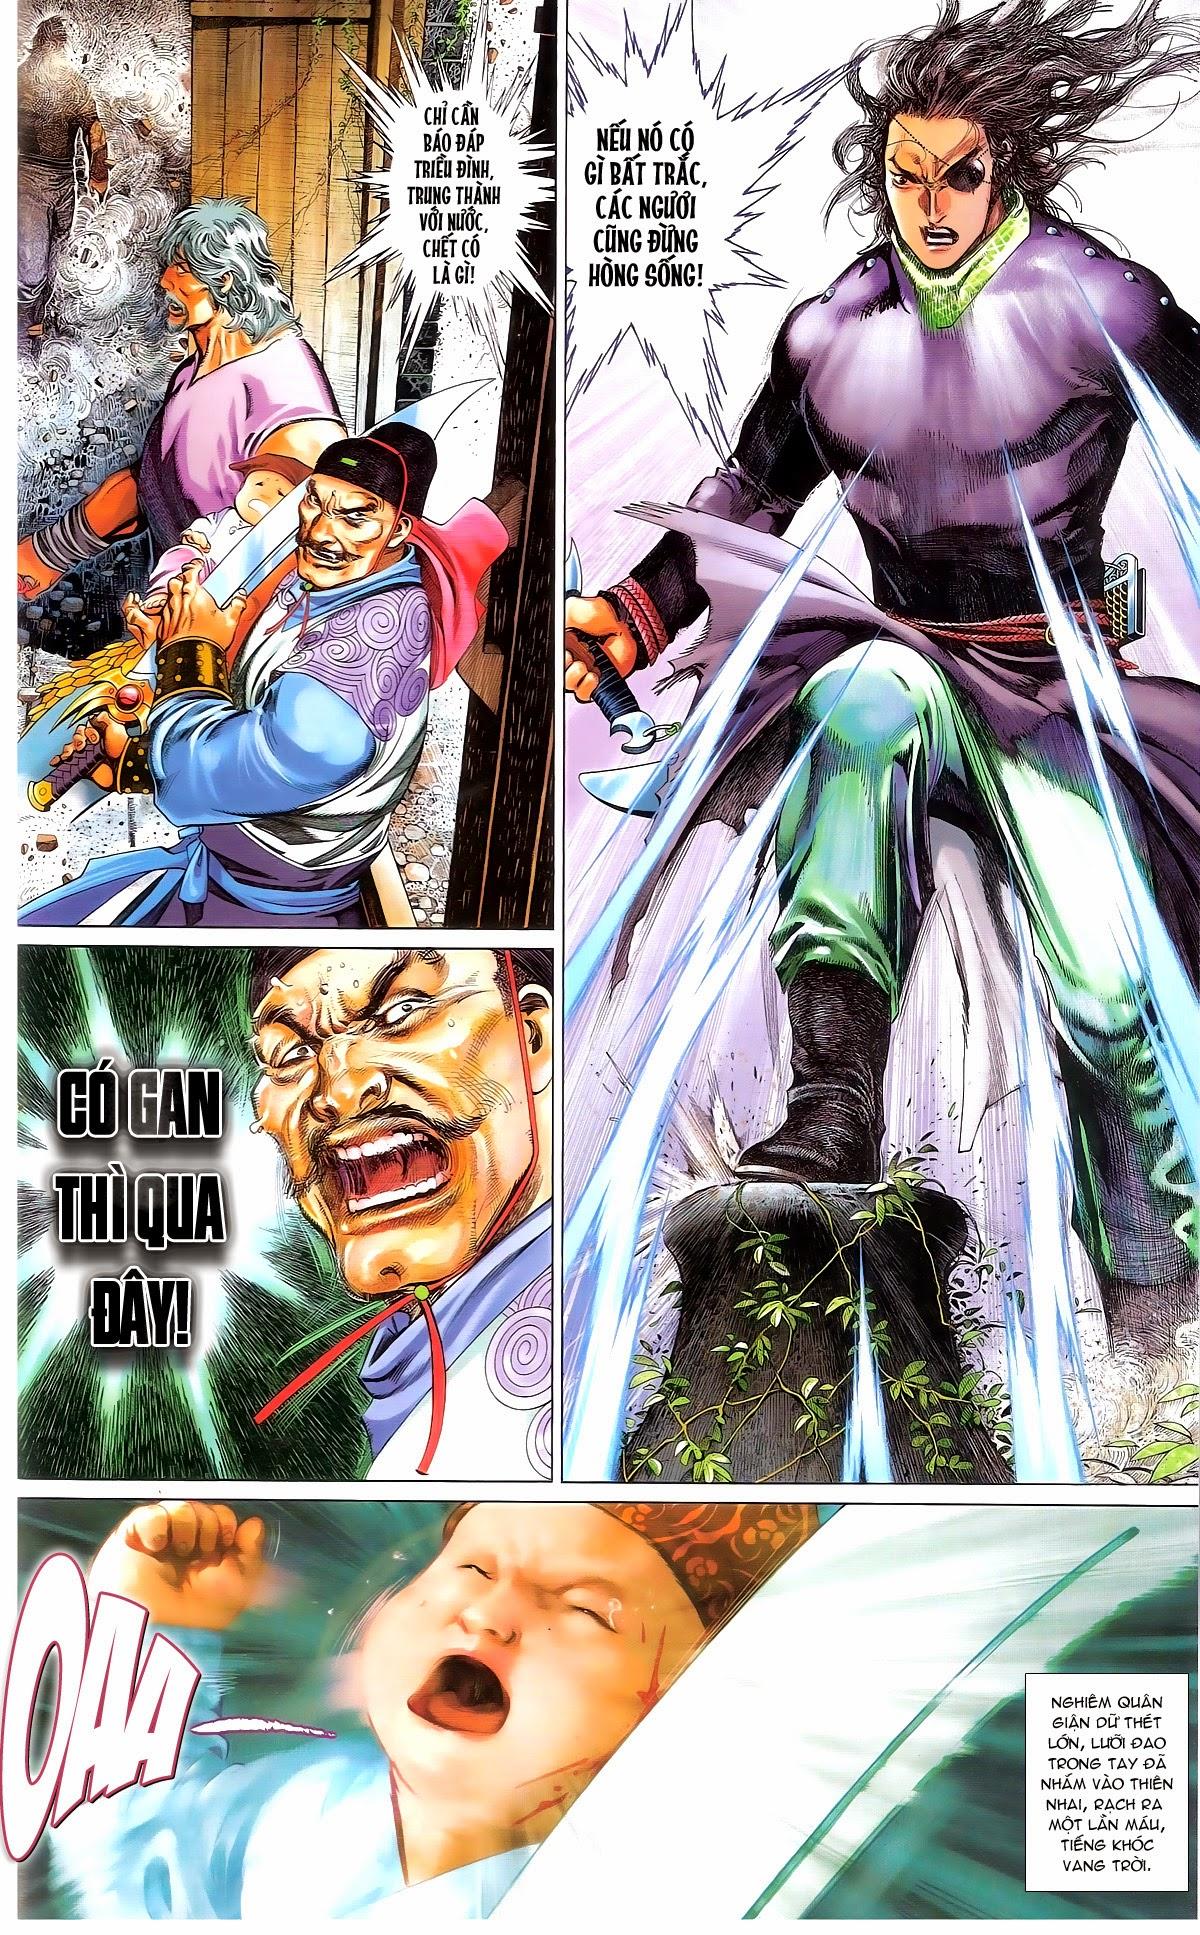 Phong Vân chap 674 – End Trang 74 - Mangak.info